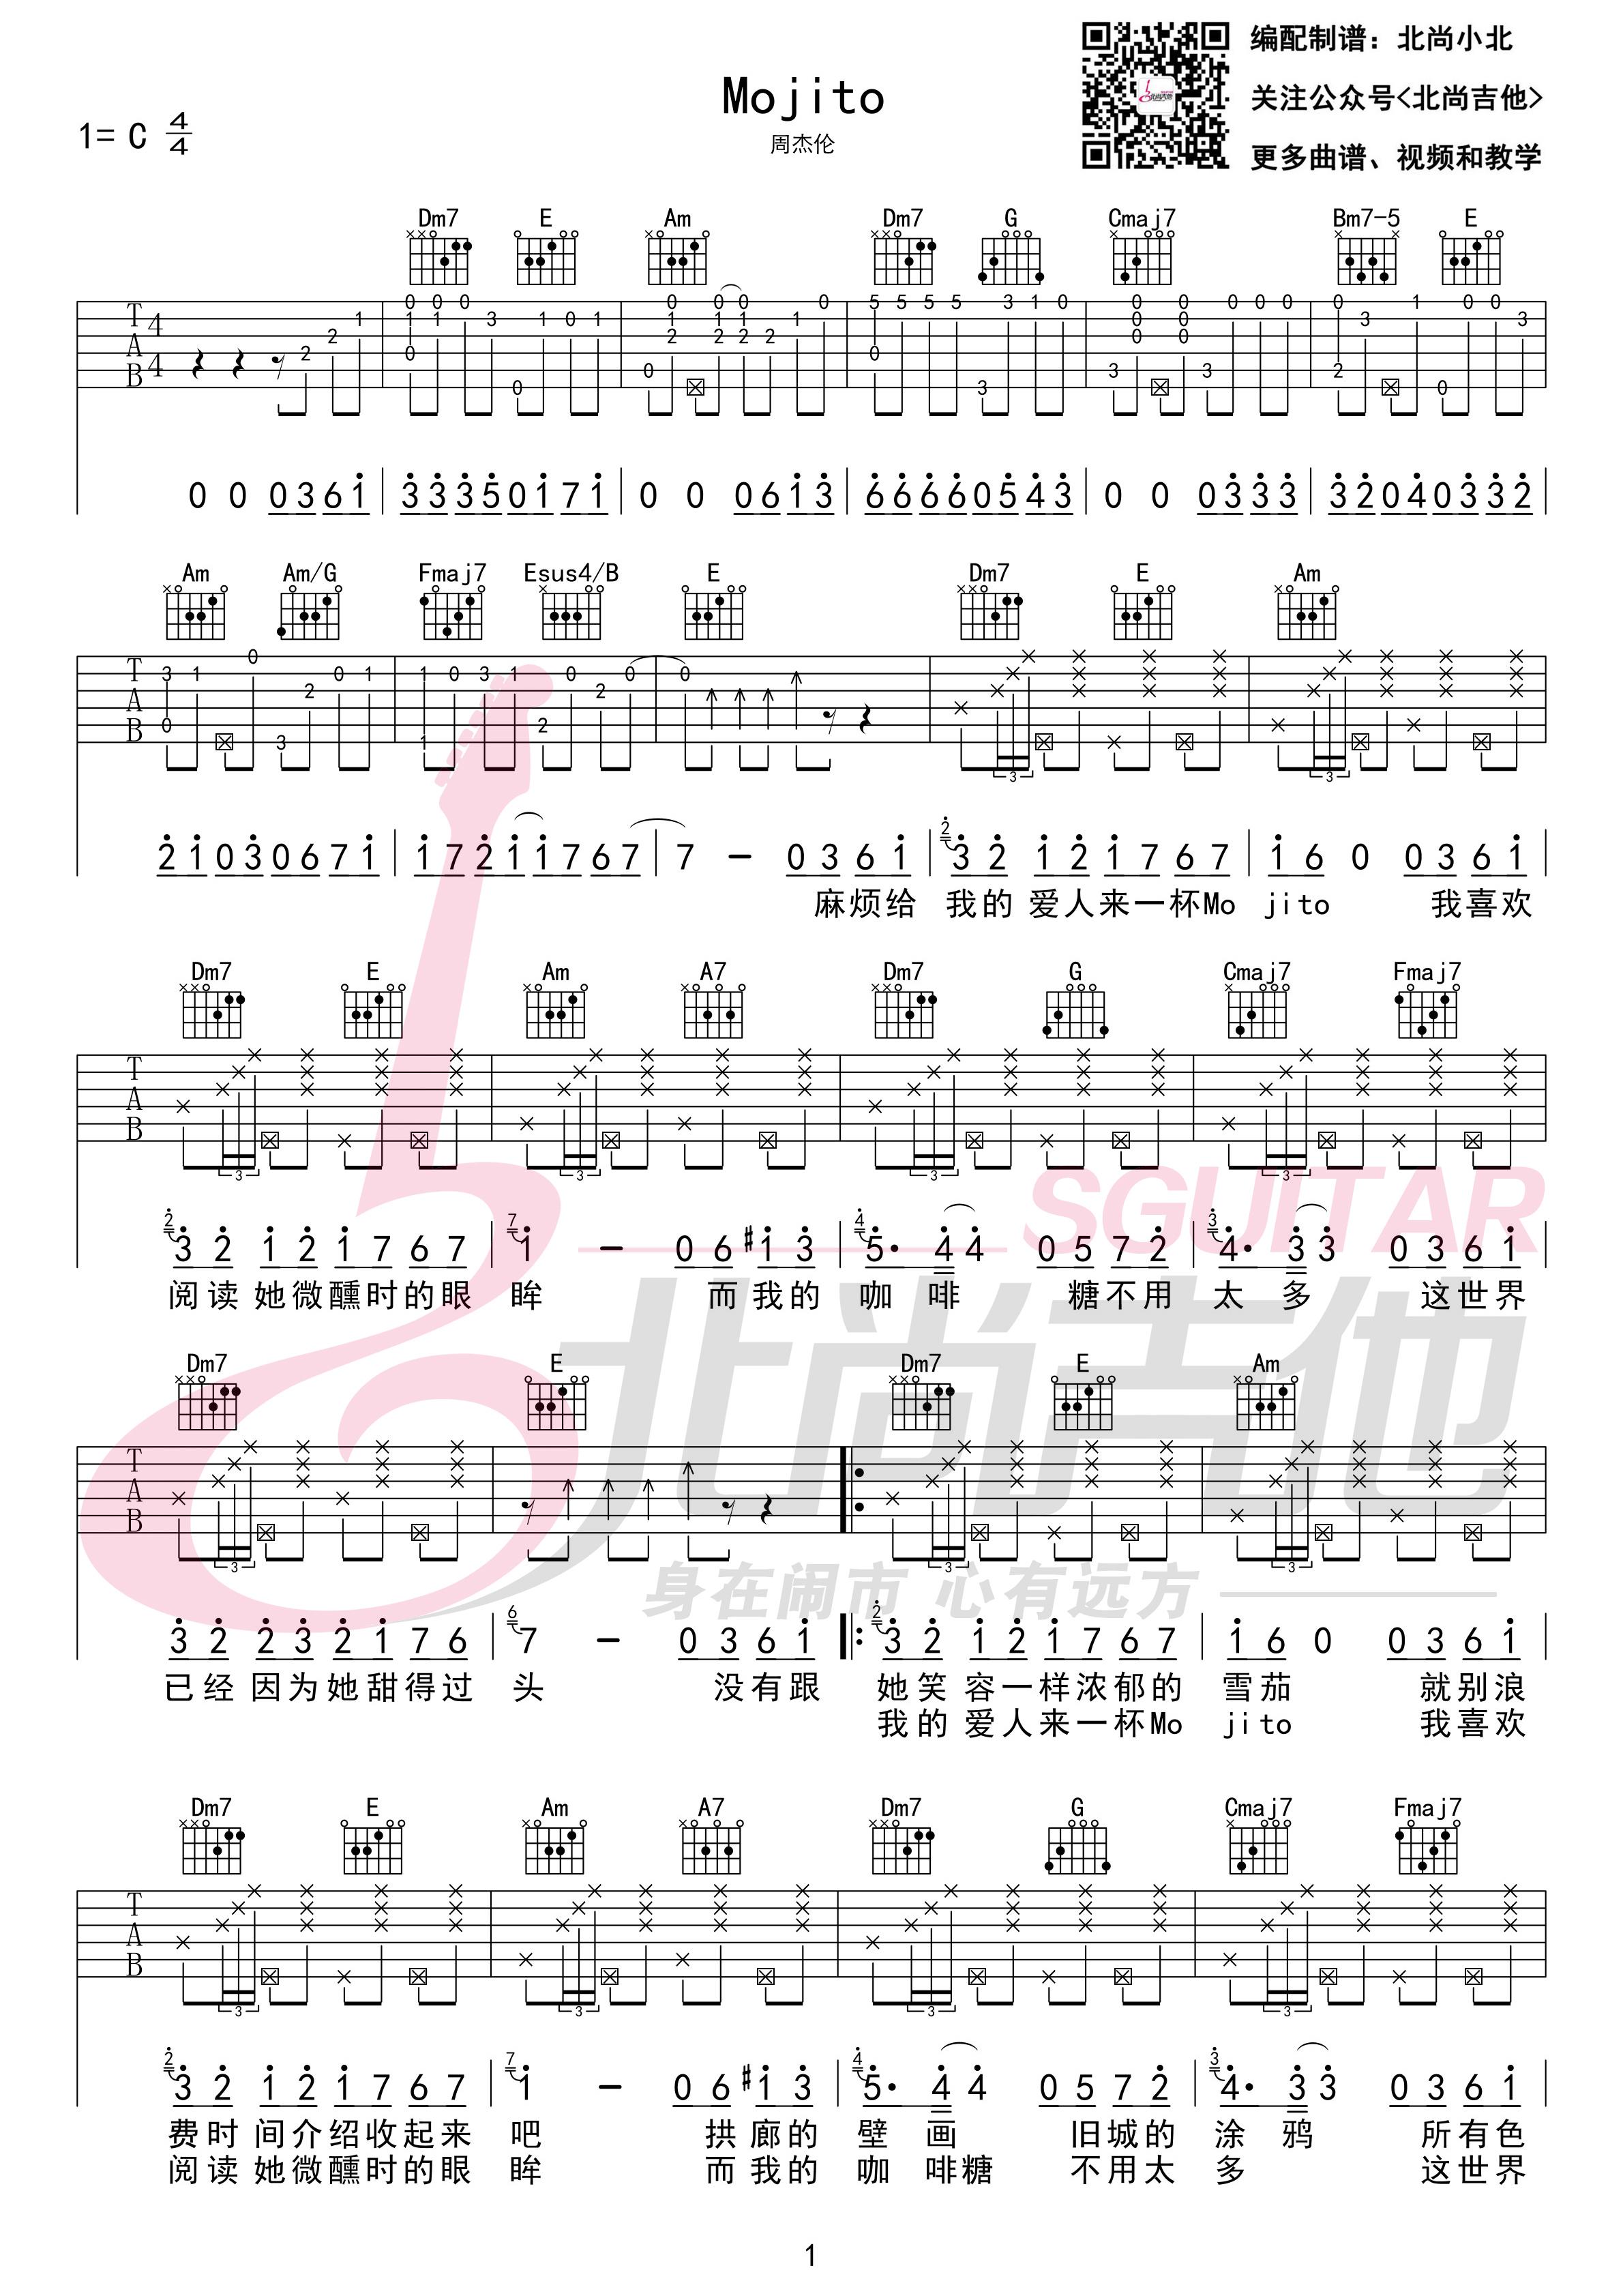 mojito-吉他弹唱-网络 (1).jpg